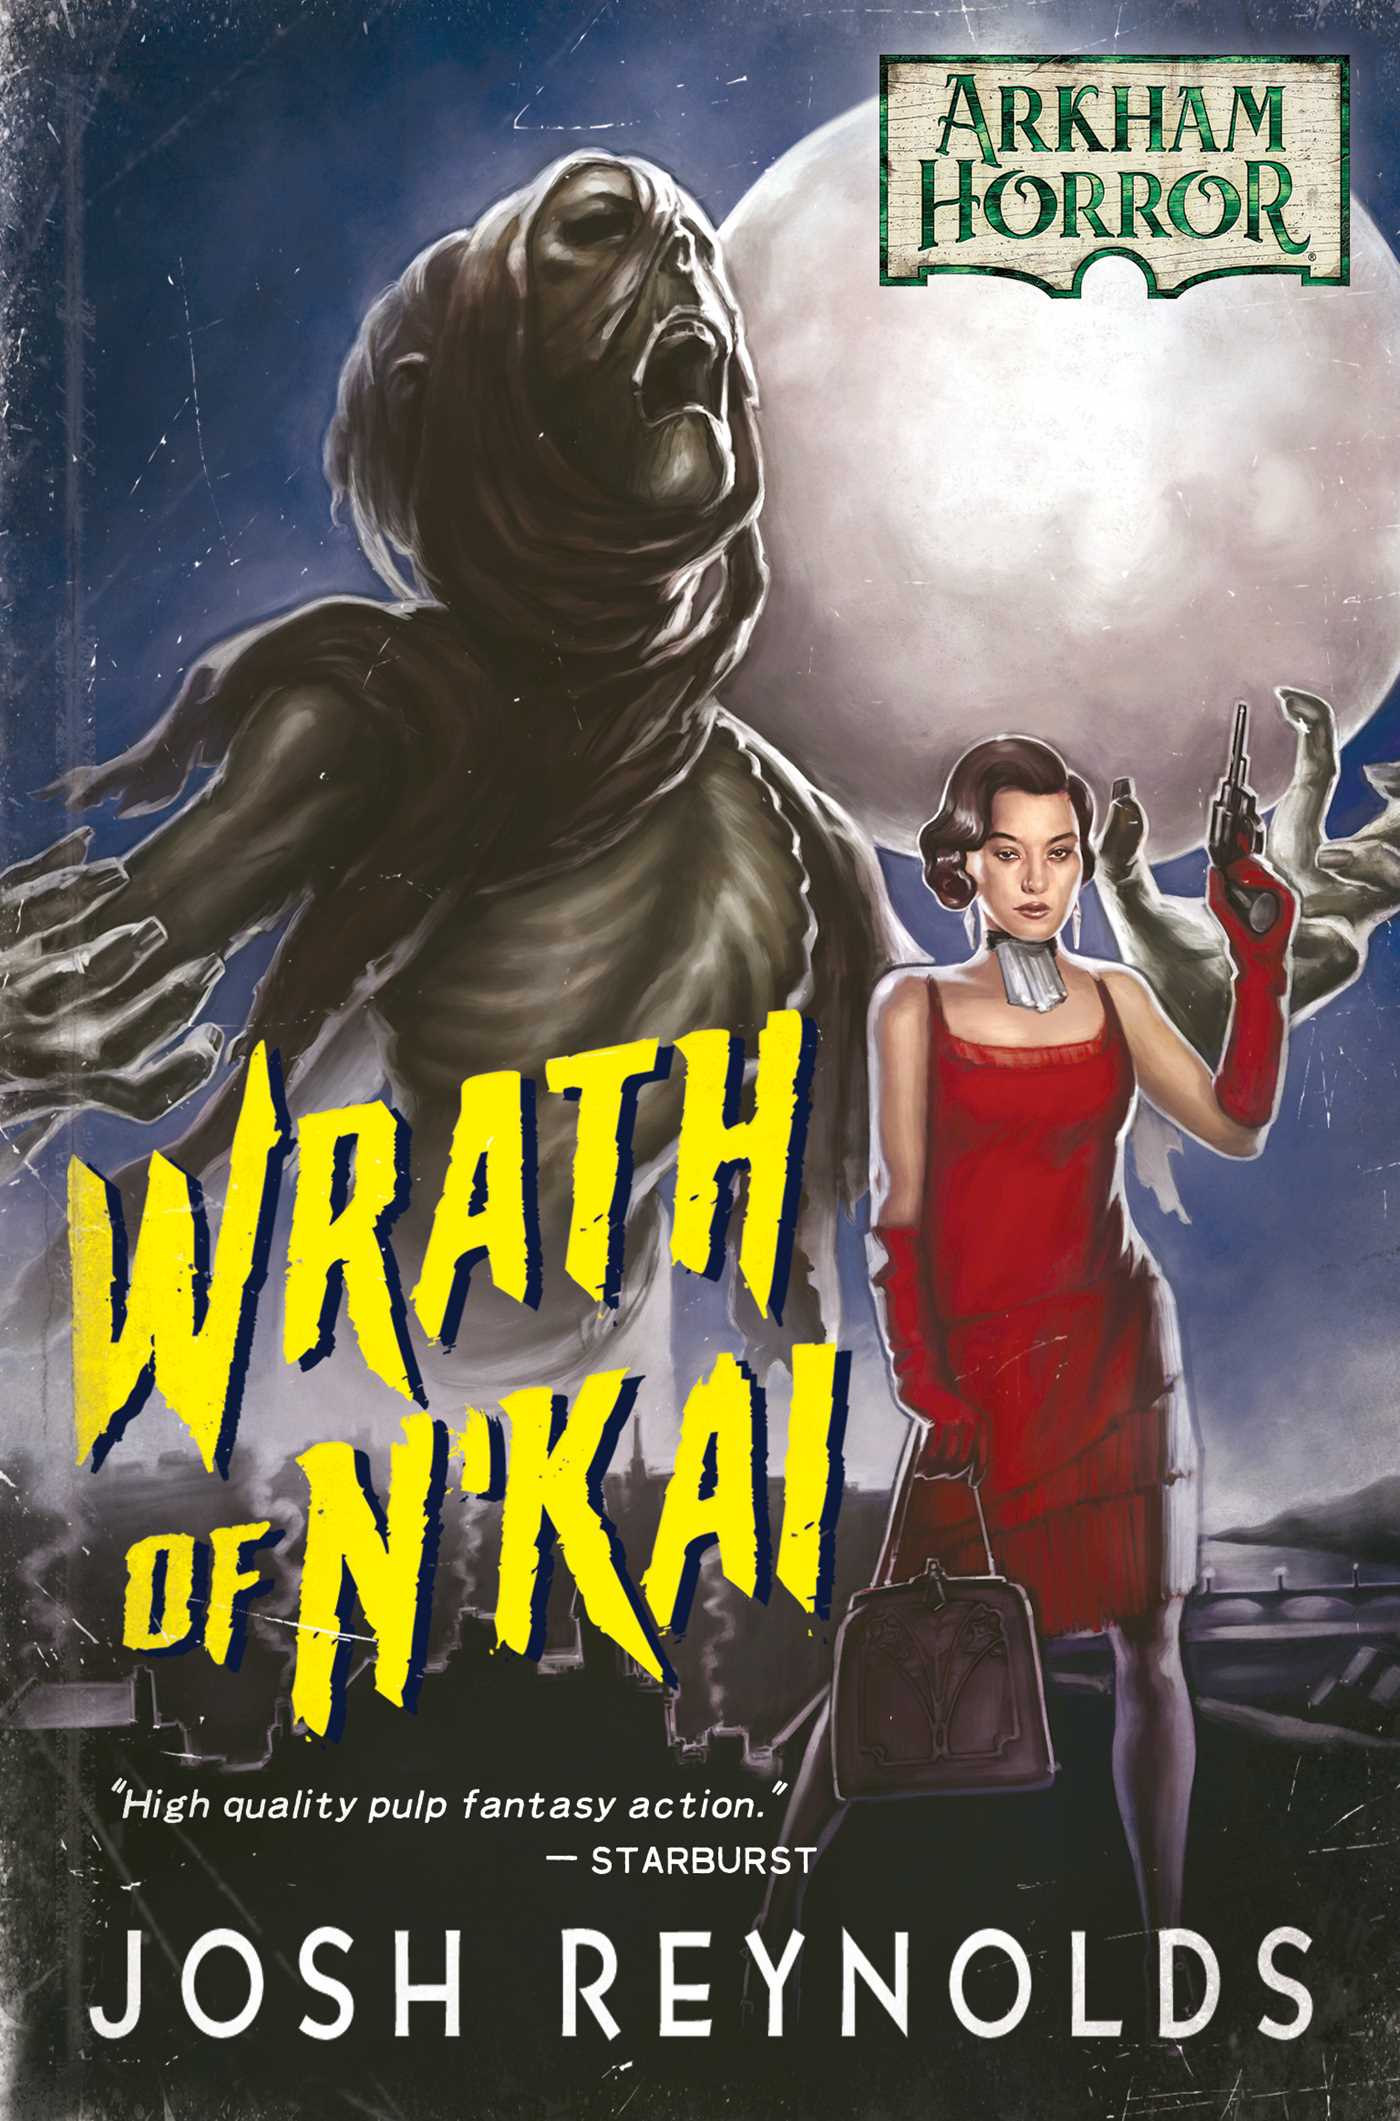 Arkham Horror Novel - Wrath of NKai